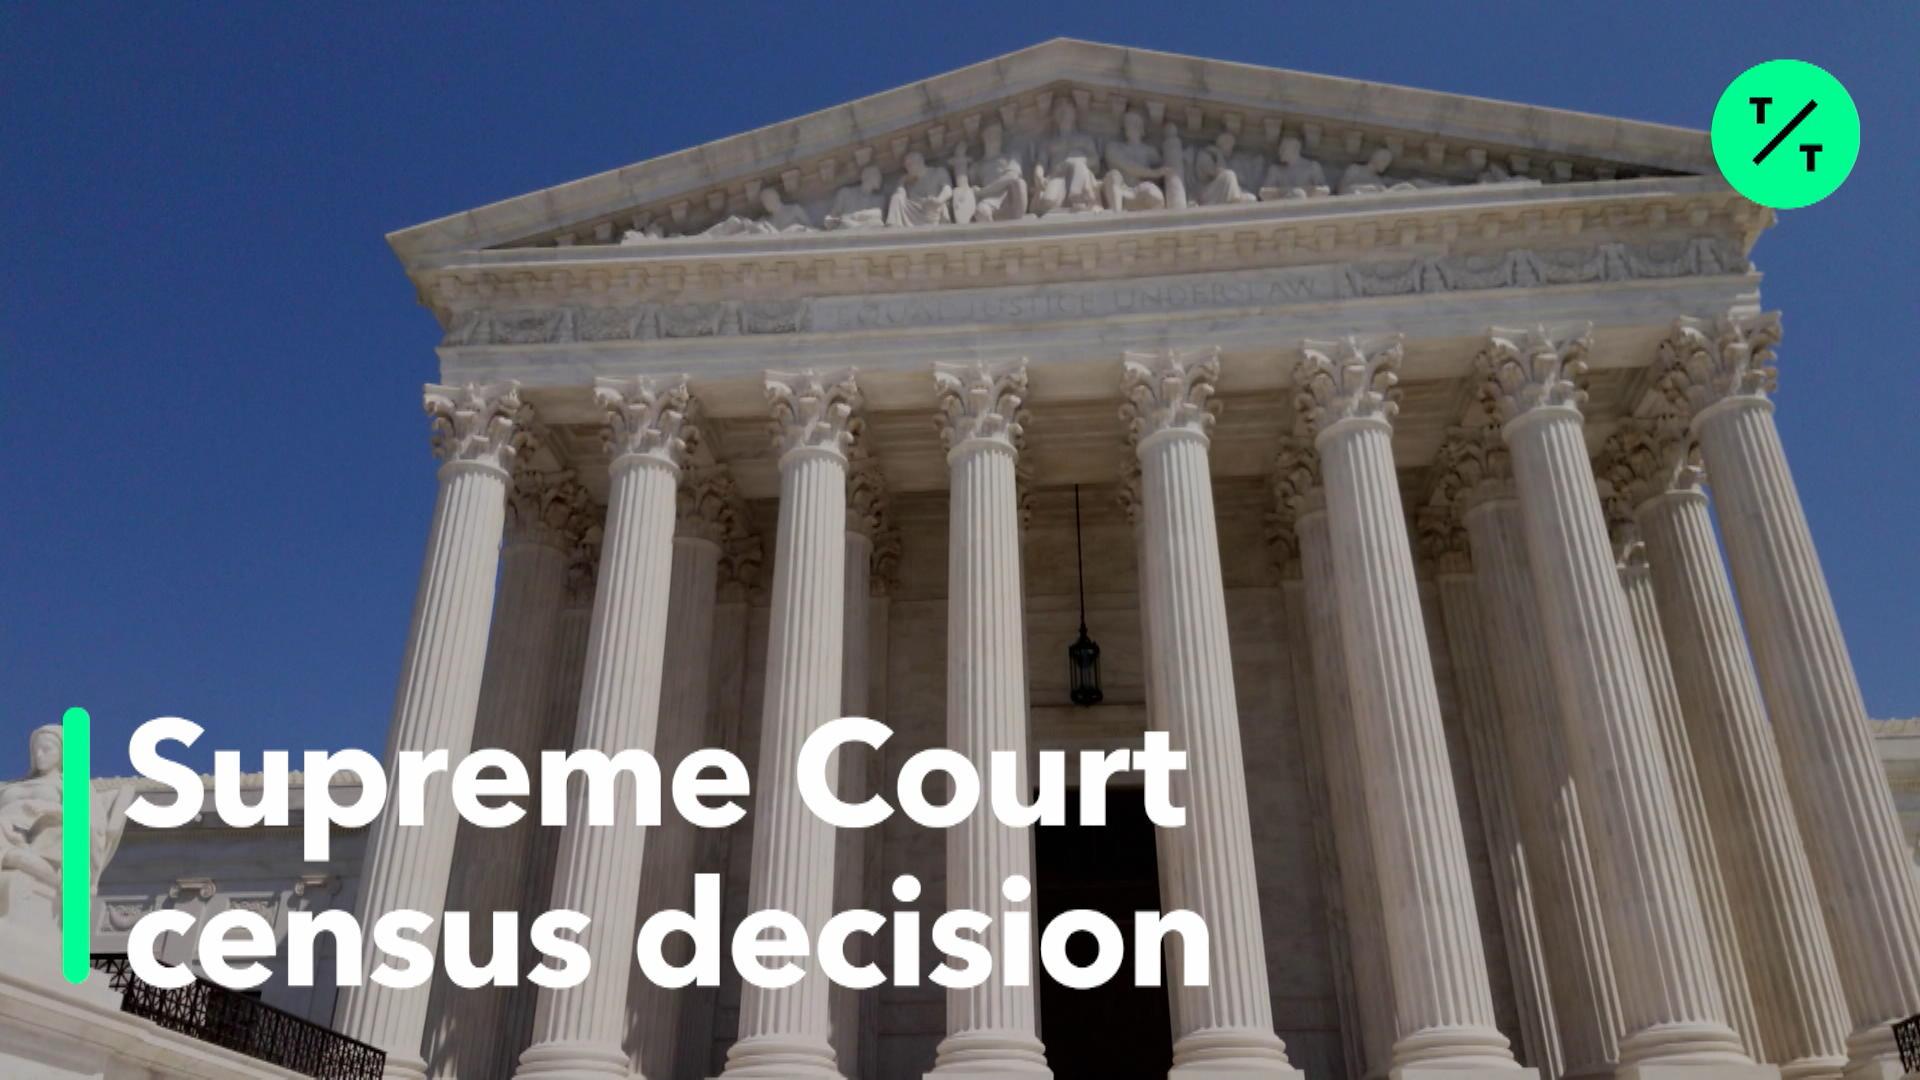 Supreme Court Census Decision